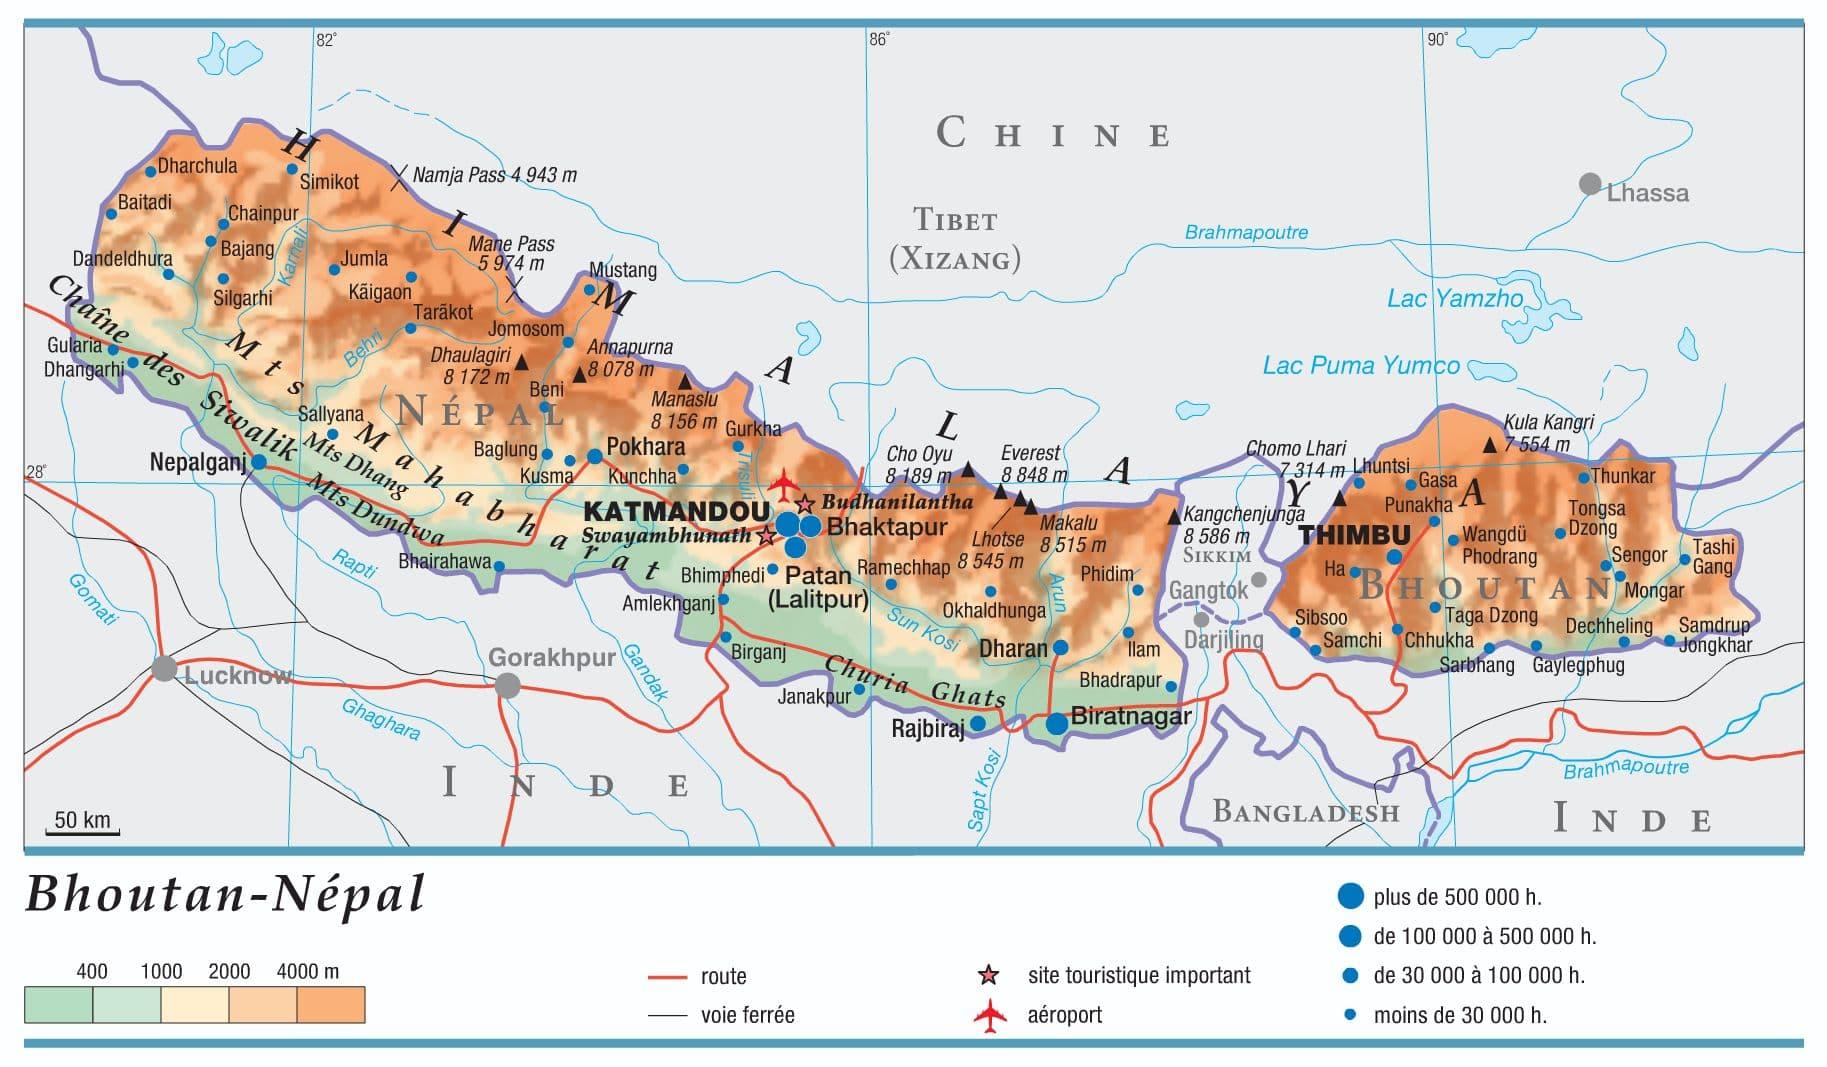 physical condition of nepal essay Present condition of nepal essay, creative writing nku, english with creative writing lsbu et en devient ridicule, comme ici steve buscemi qui essaye de se faire.